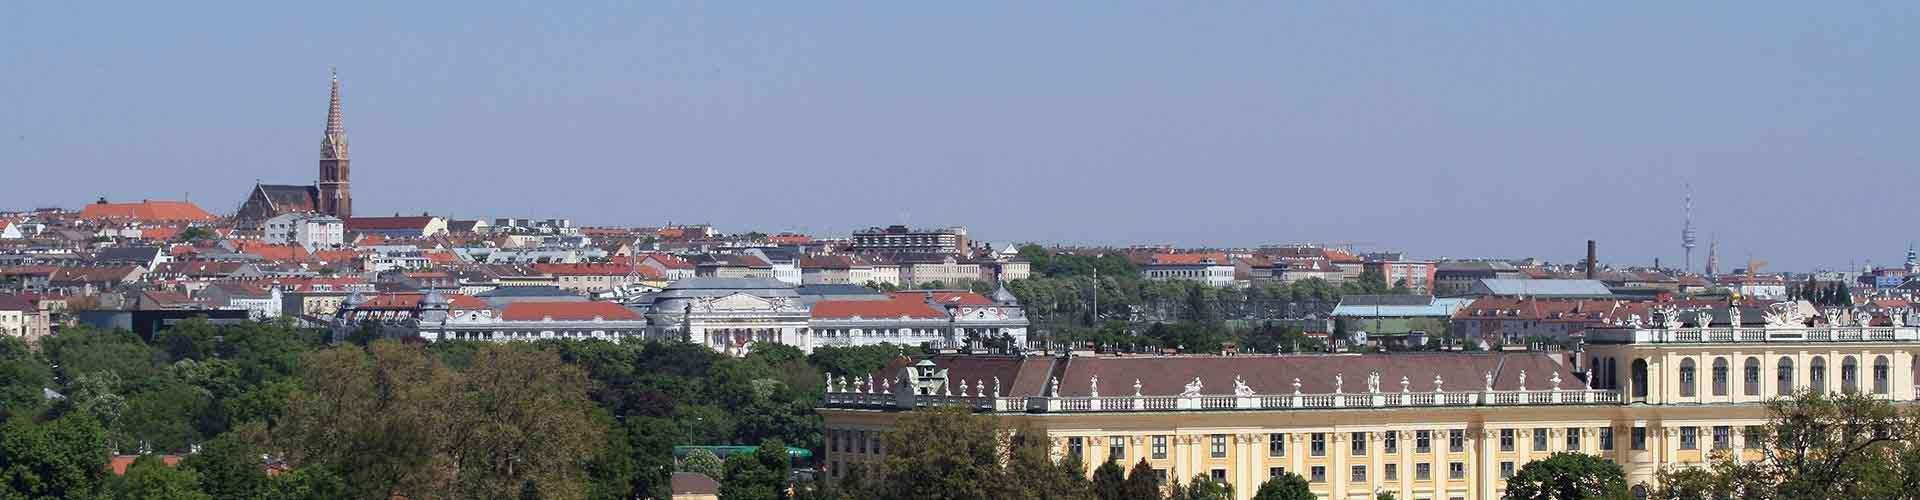 Wiedeń - Pokoje w dzielnicy: Rudolfsheim-Fuenfhaus, Mapy dzielnicy: Wiedeń, Zdjęcia i Recenzje dla każdego pokoju w dzielnicy: Wiedeń.